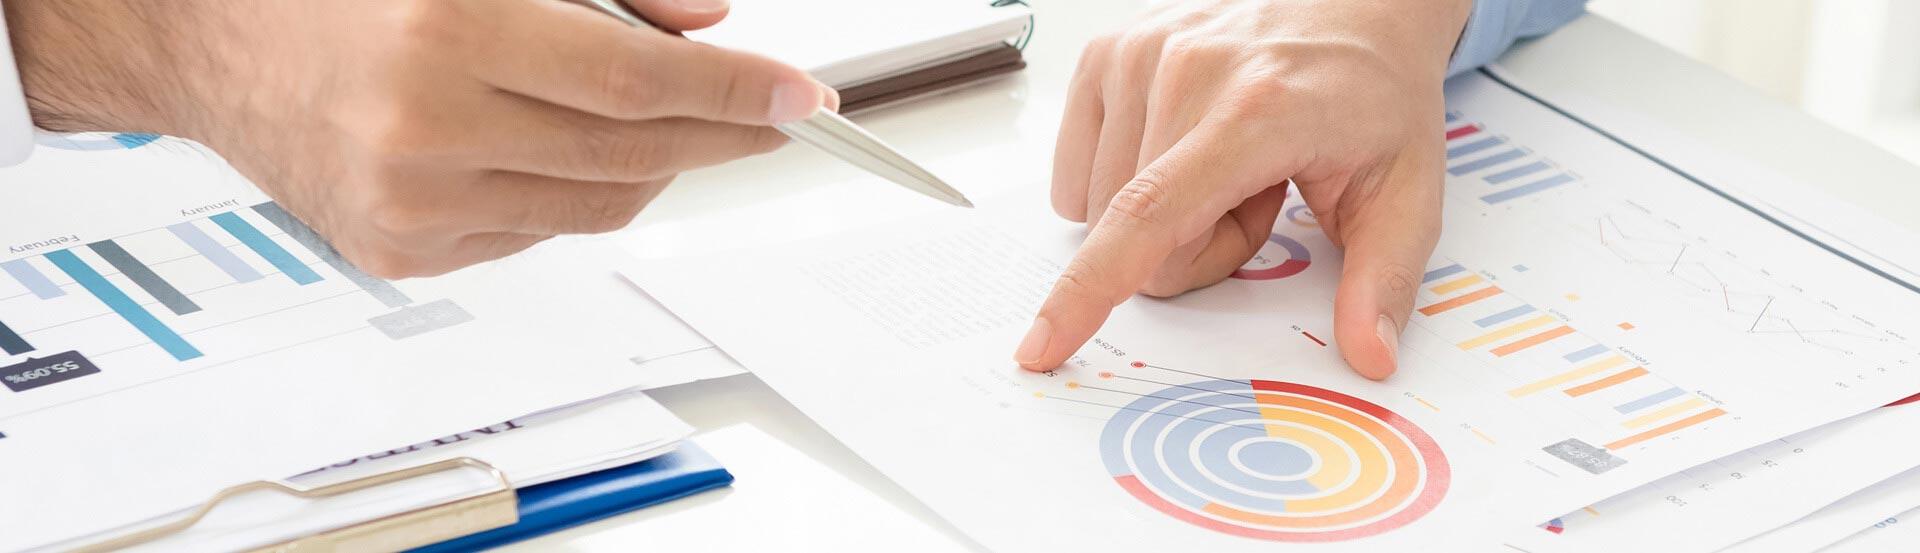 Traitement et analyse des données statistique